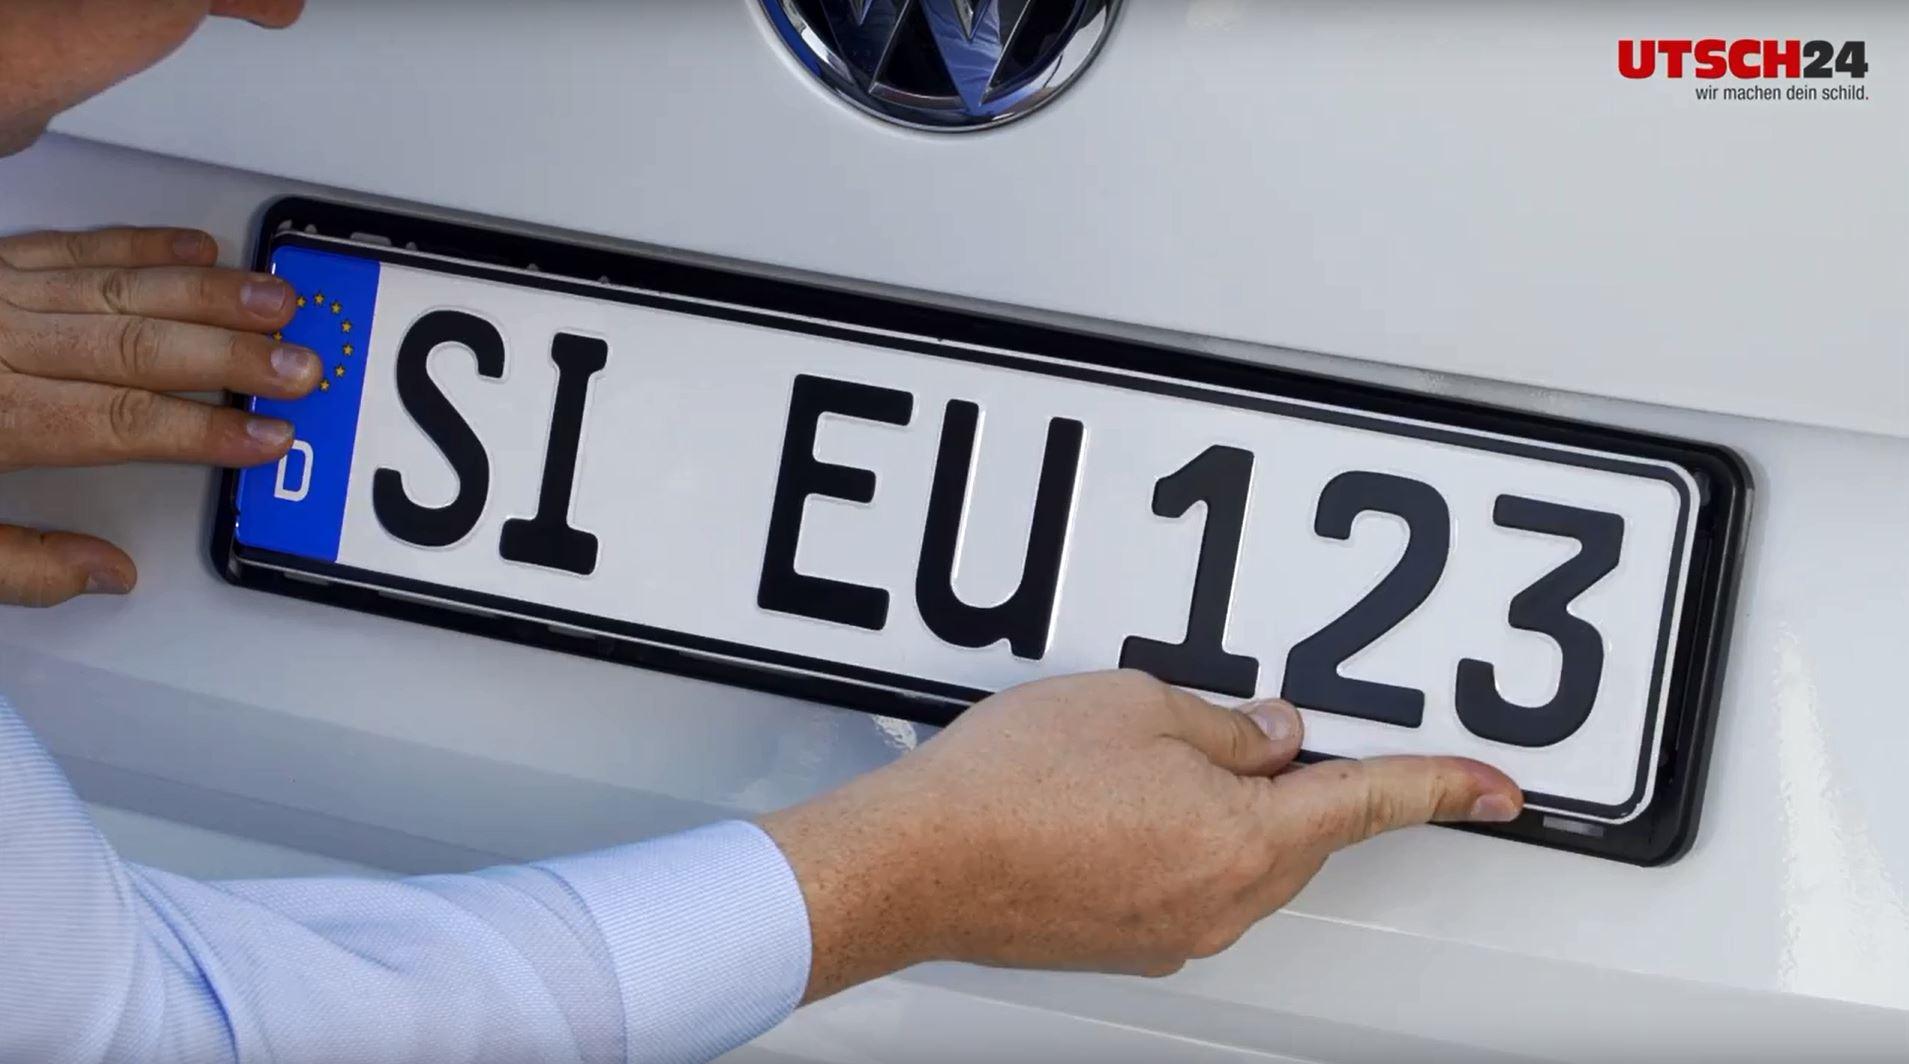 Kennzeichenhalter selbst gestalten - ERUSTAR Special mit individuellem Digitaldruck